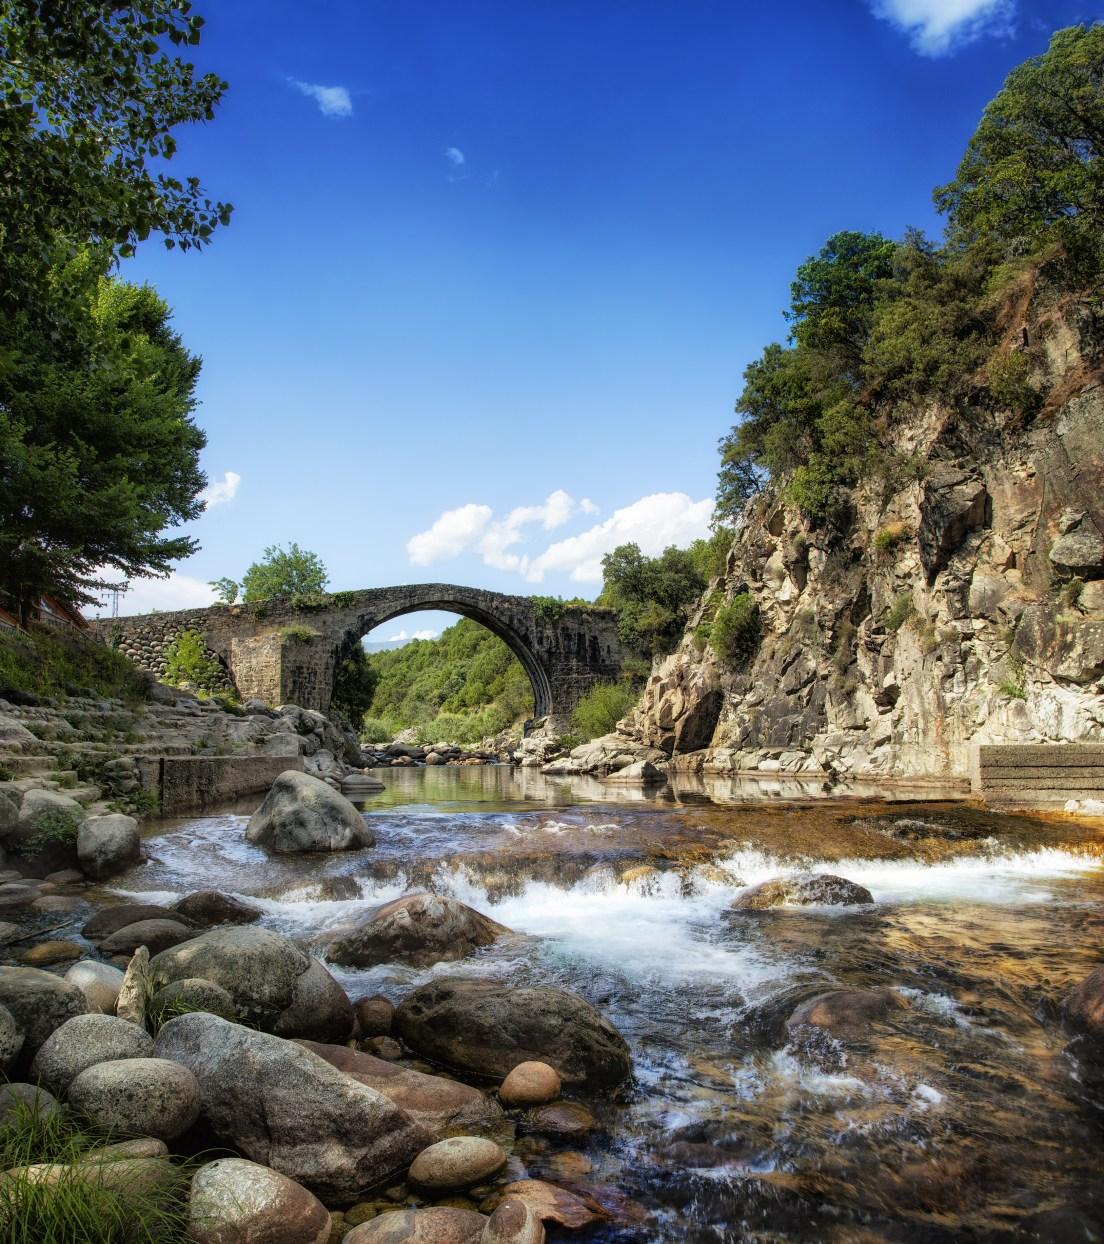 Puente romano sobre la garganta de Alardos, en Madrigal. Foto: Shutterstock.